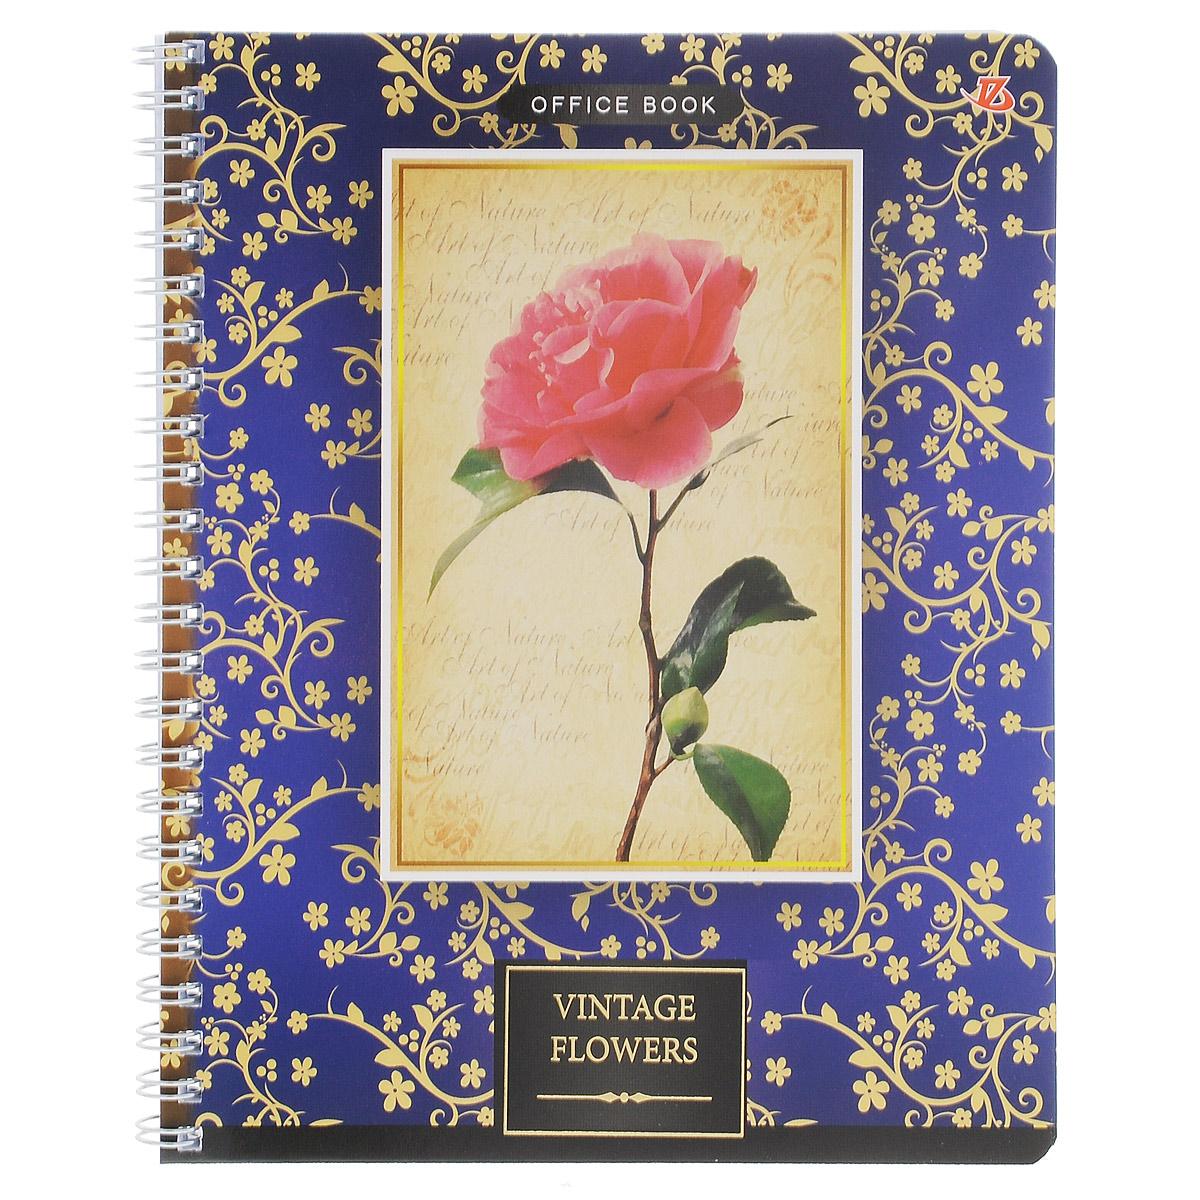 Тетрадь в клетку Vintage Flowers: Роза, на гребне, цвет: синий, 80 листов. 6660/36660/3_РозаТетрадь на гребне Vintage Flowers: Роза подойдет для любых работ и студенту, и школьнику.Фактурная обложка тетради с элементами золотого тиснения выполнена из мелованного картона с закругленными углами.Внутренний блок тетради соединен металлической пружиной и состоит из 80 листов высококачественной бумаги повышенной белизны в клетку.